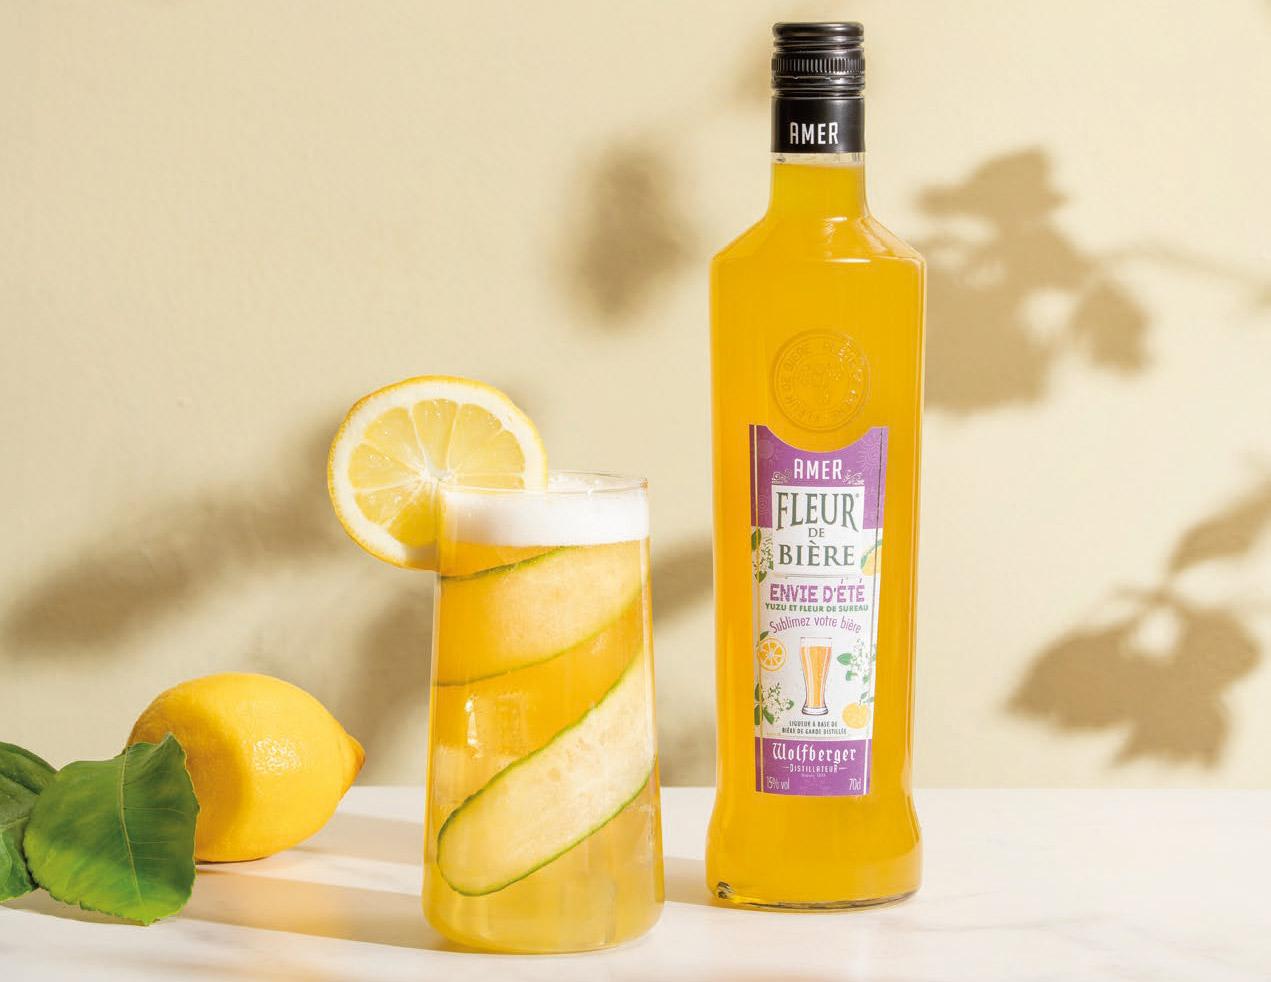 Cocktail à la bière blanche et à l'Amer Fleur de Bière Envie d'été de Wolfberger